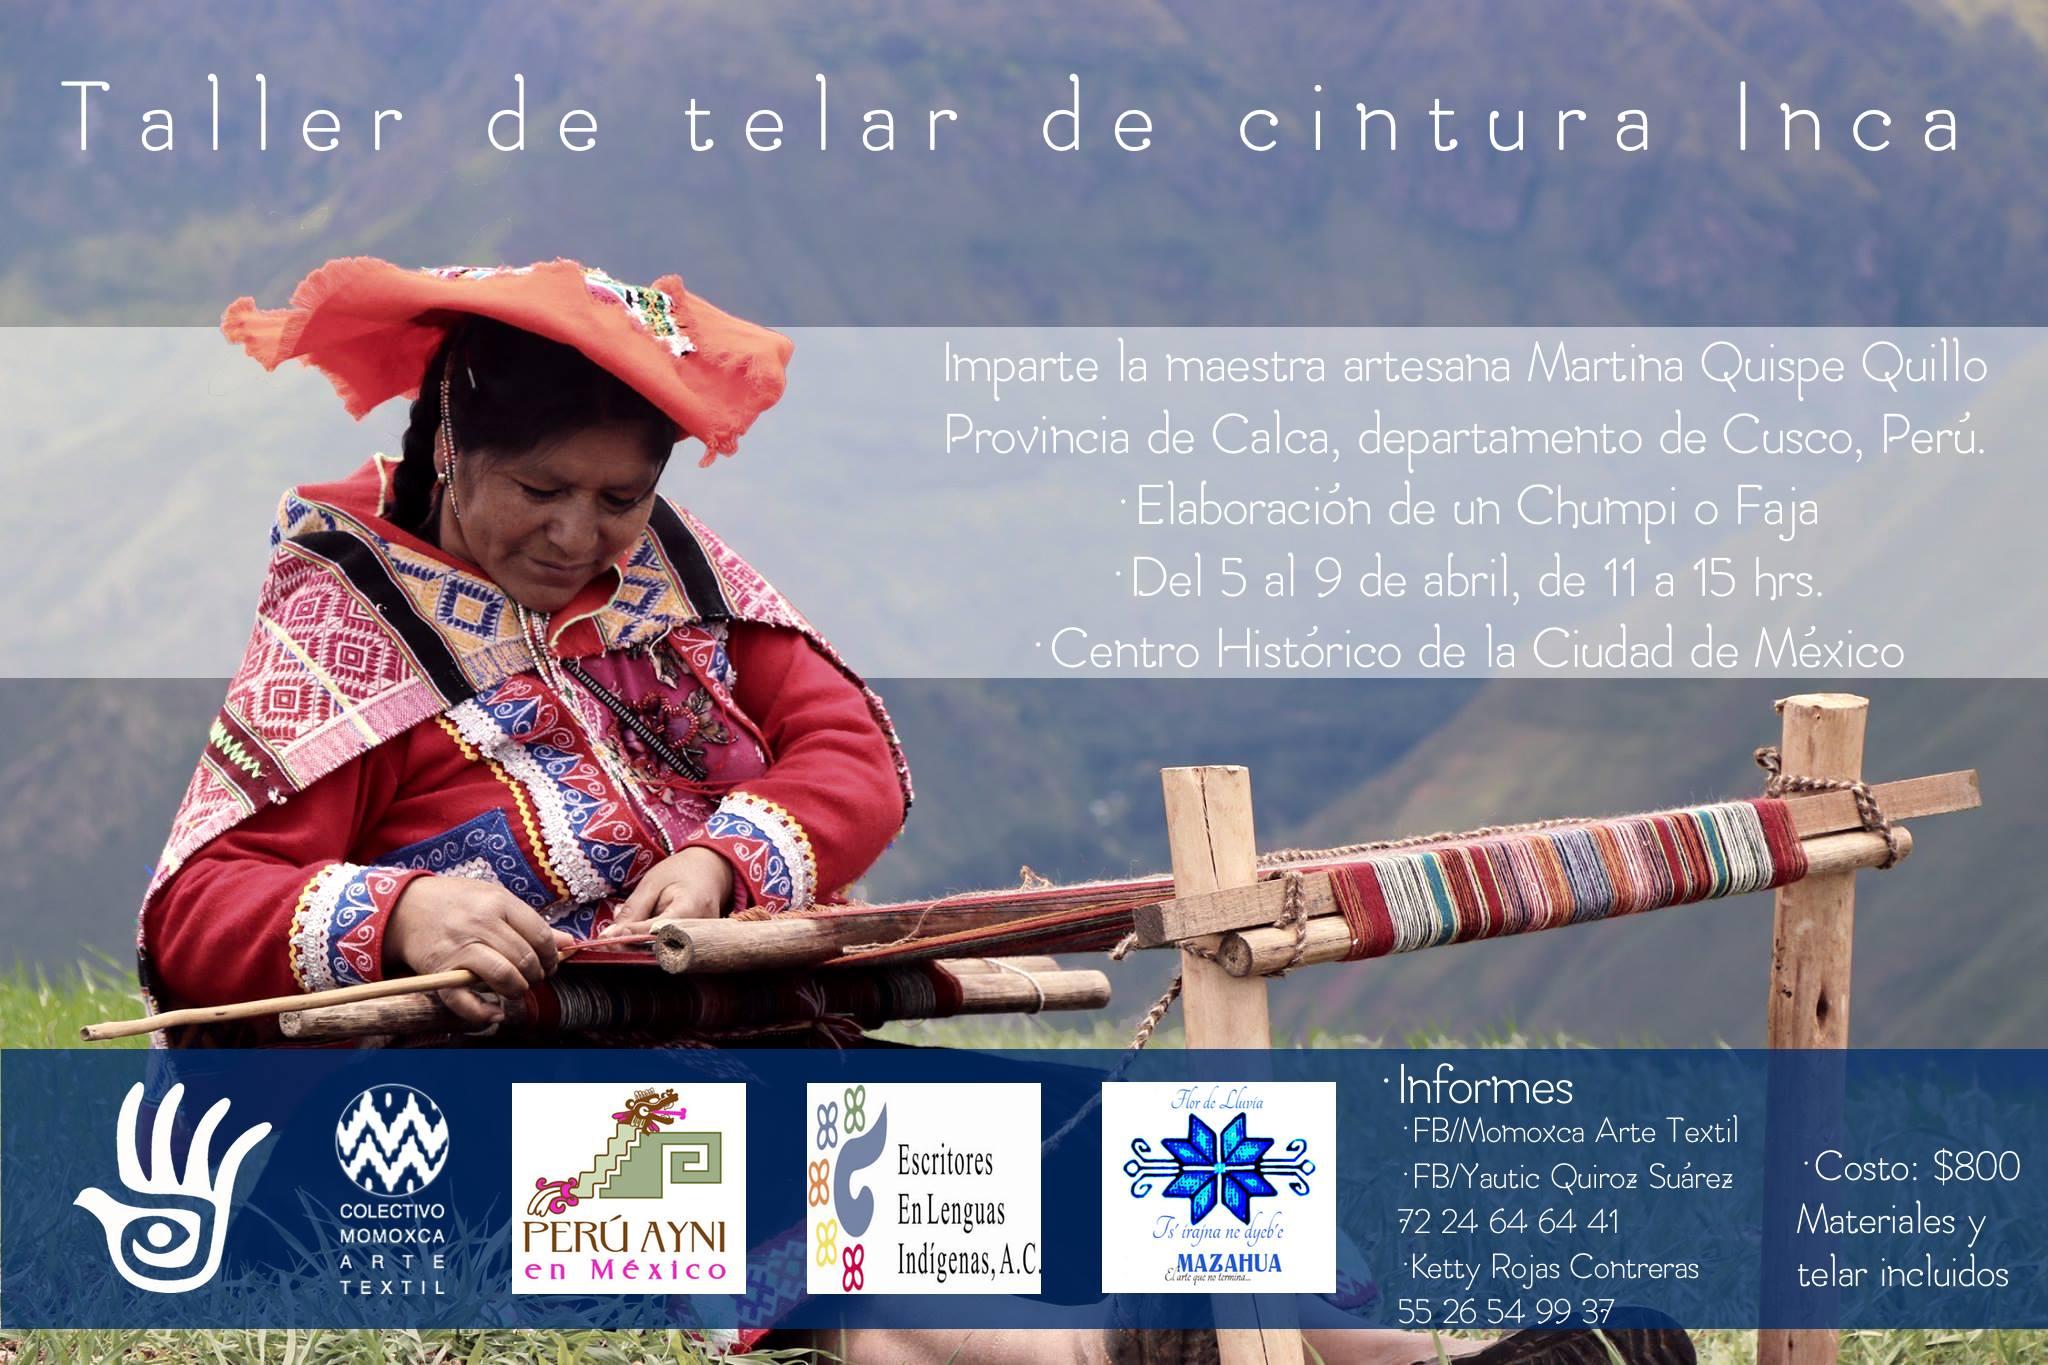 Taller de telar de cintura Inca en la Ciudad de México